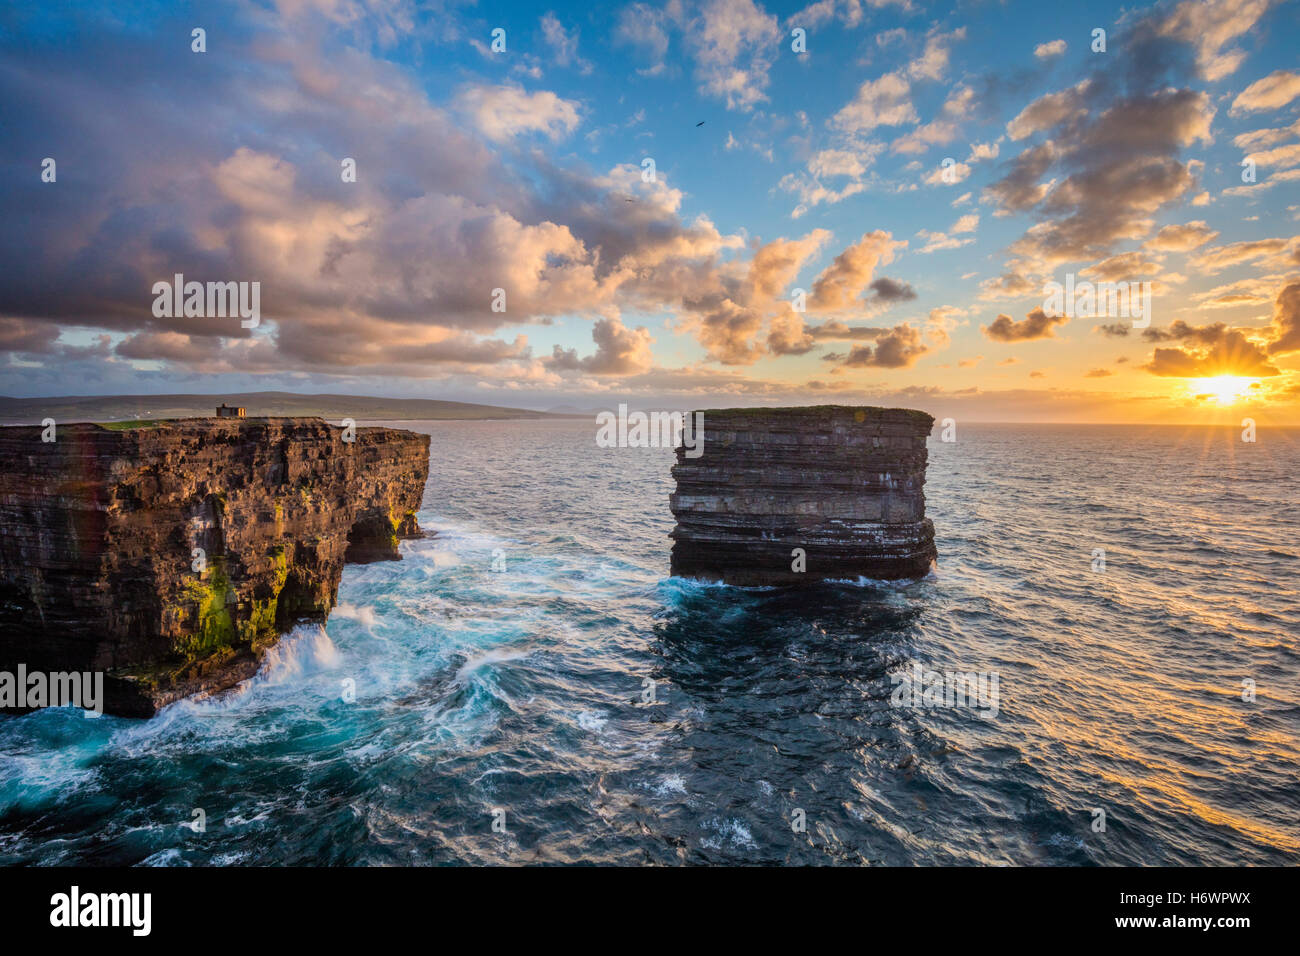 Noche en Dun Briste, cabeza de Downpatrick, en el condado de Mayo, Irlanda. Imagen De Stock